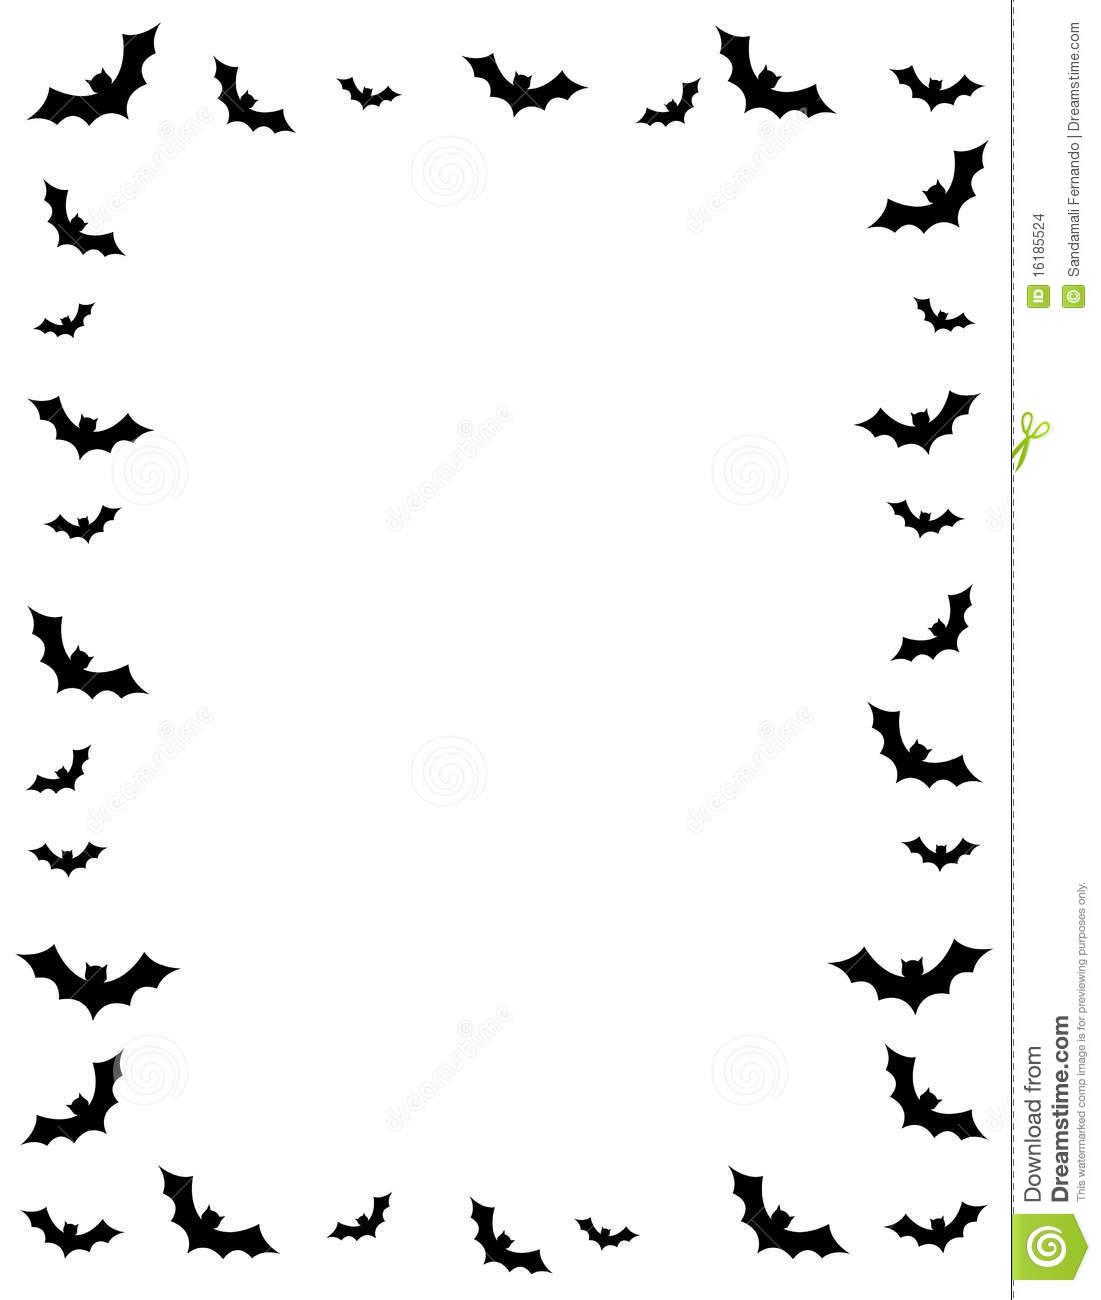 1101x1300 Halloween Pumpkin Border Clipart